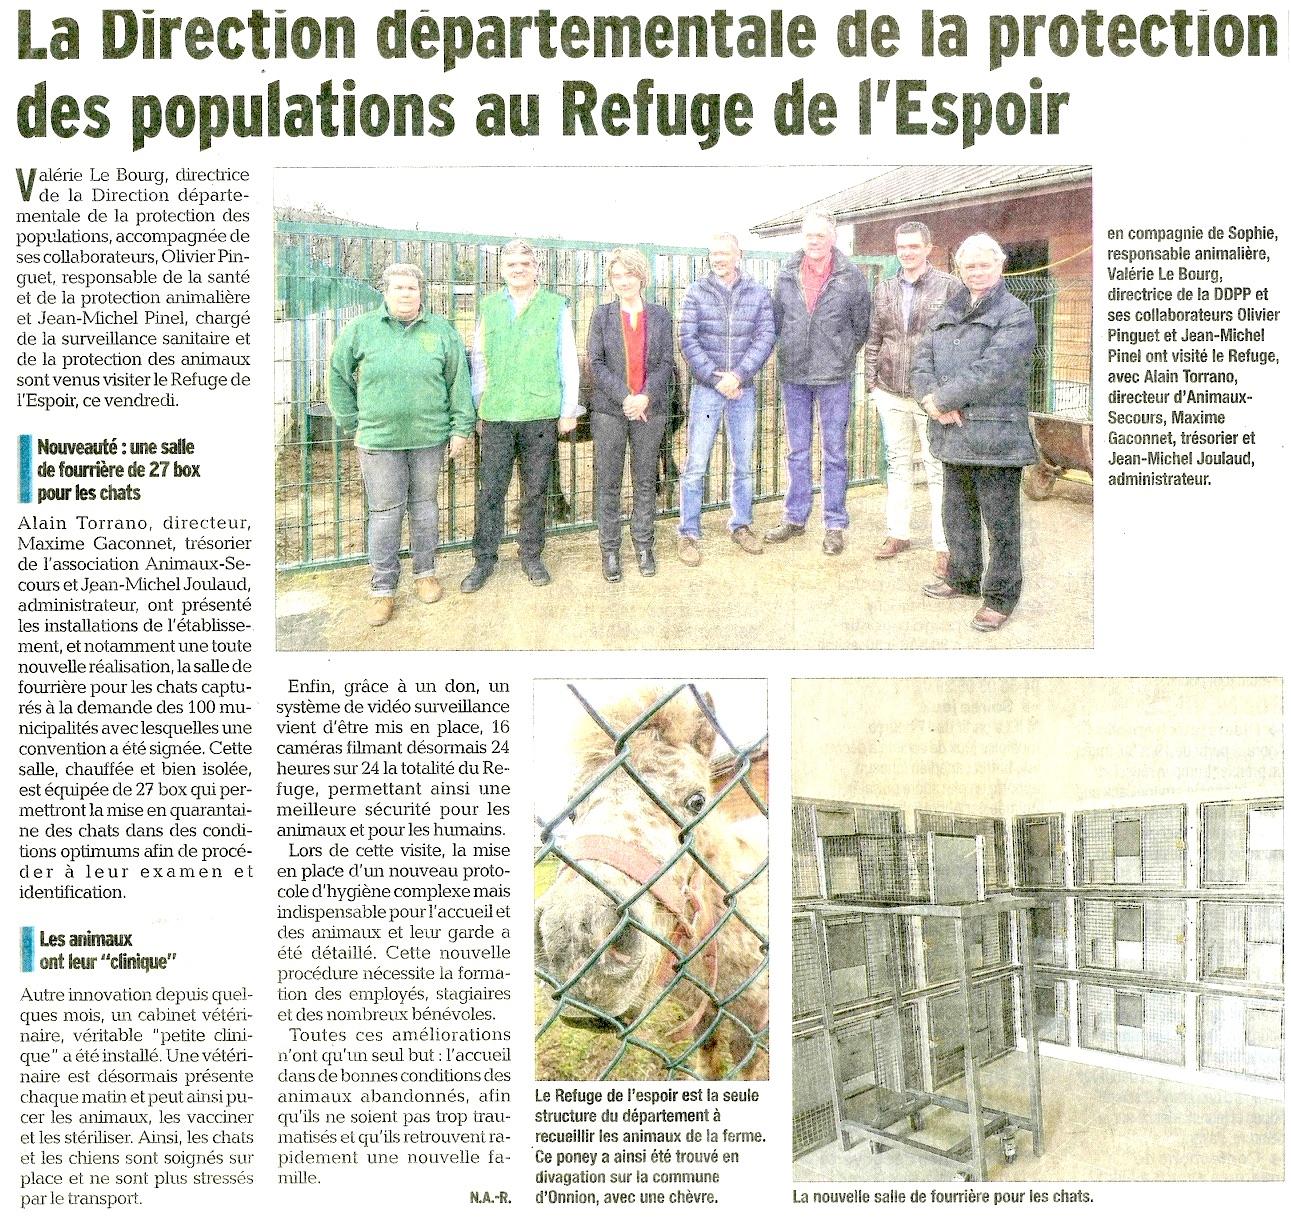 Animaux-Secours Le Dauphiné Libéré 08042015